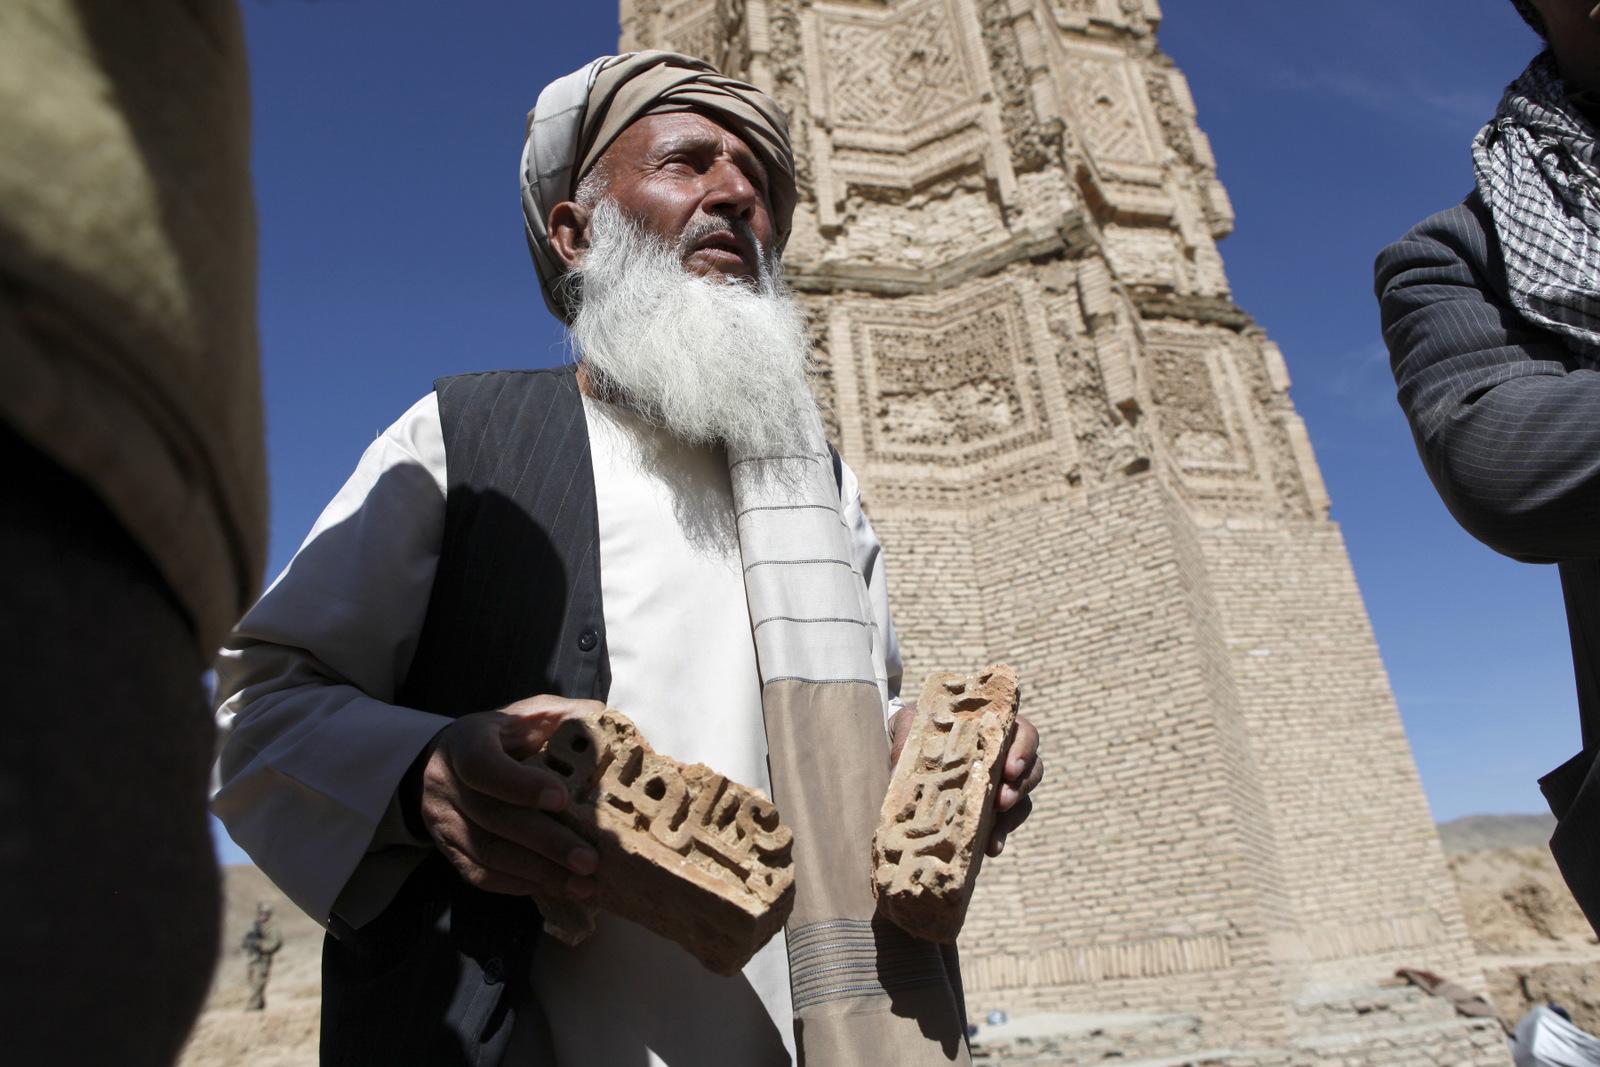 Paikallinen arkeologi Naqshbandi pitelee Ghaznin tornien edustalla käsissään tiiliskiviä, joissa on kufilaista kirjoitusta.